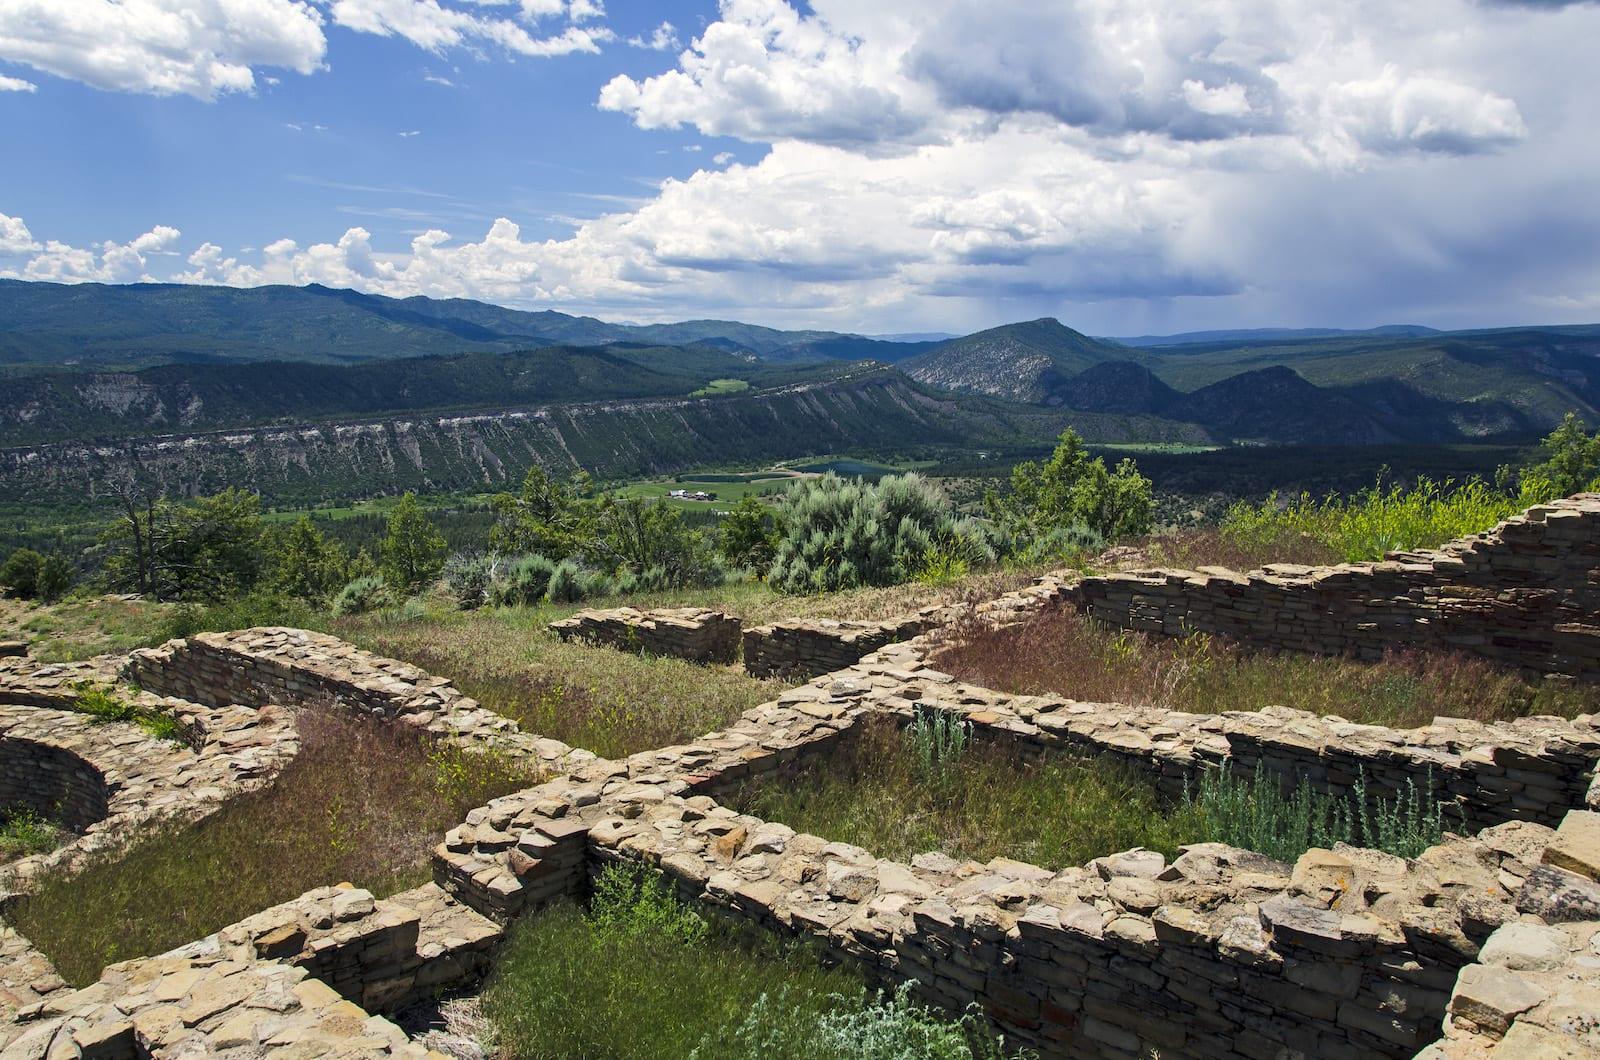 Ancient Puebloans Colorado Chimney Rock Archaeological Area